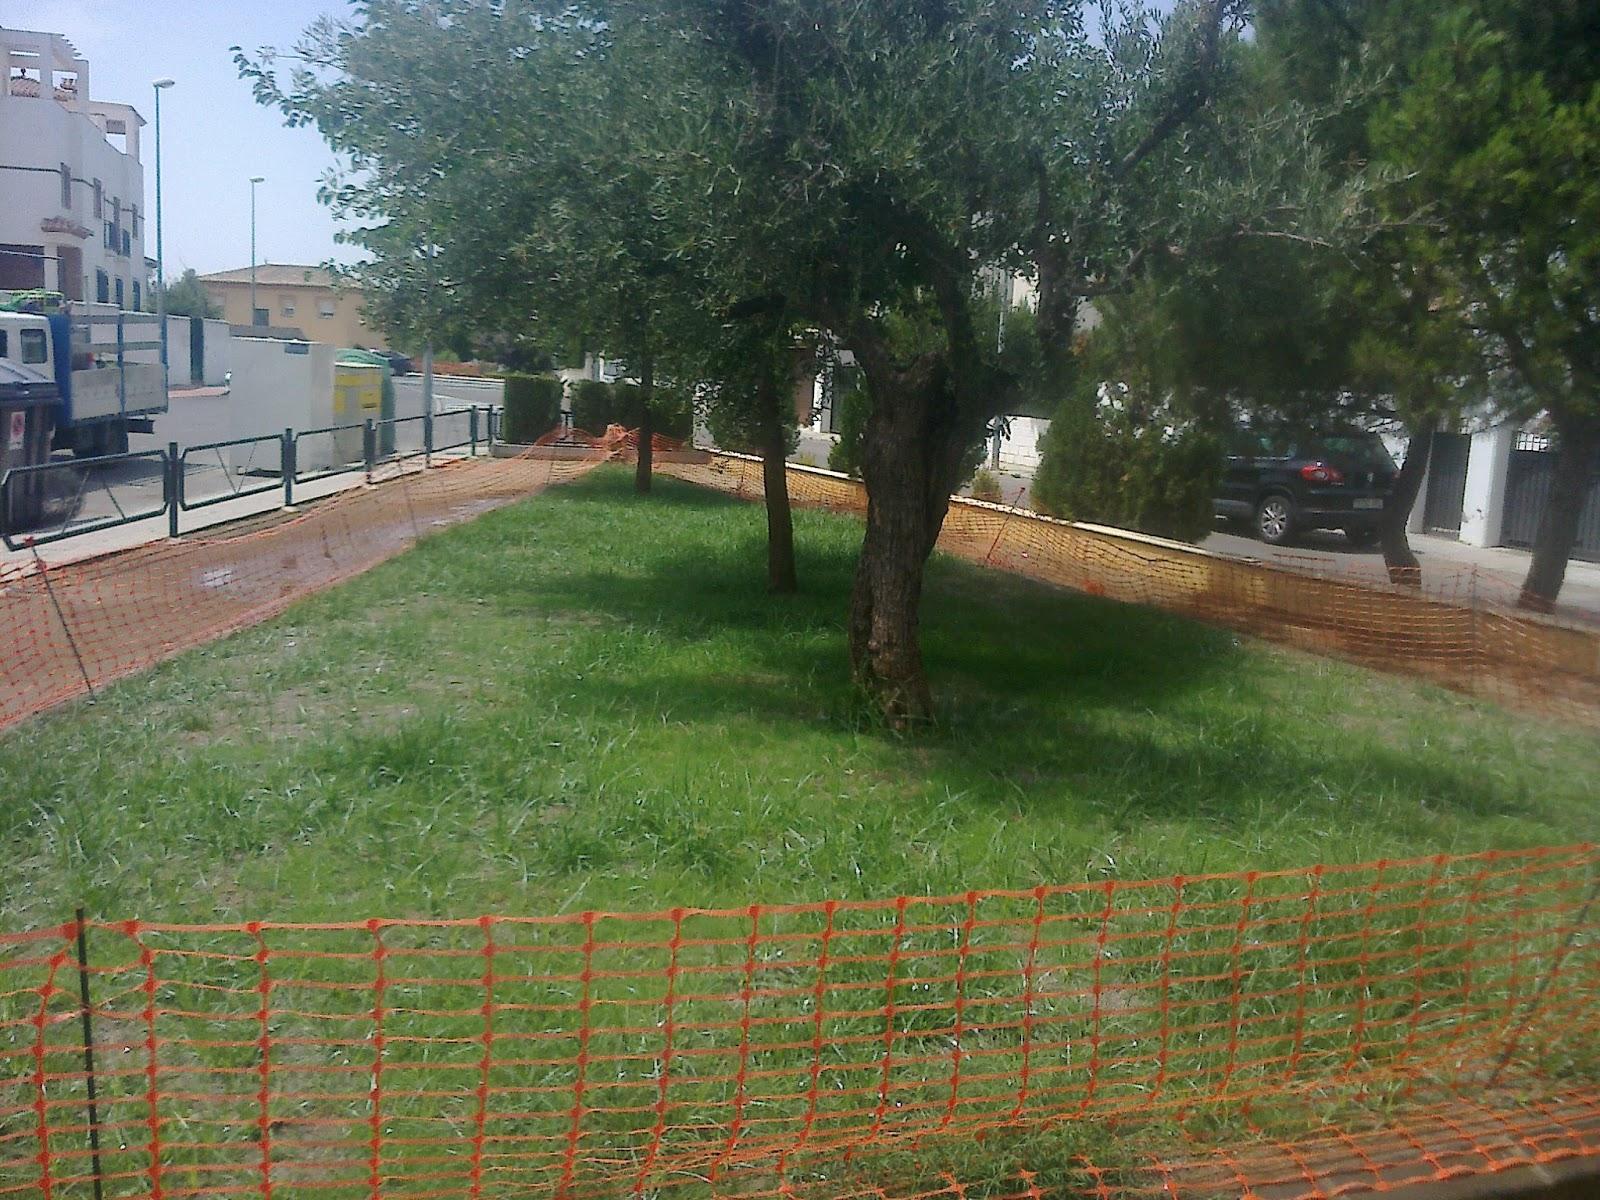 Parques y jardines de ogijares parque pedrizas arreglo y for Arreglos de parques y jardines